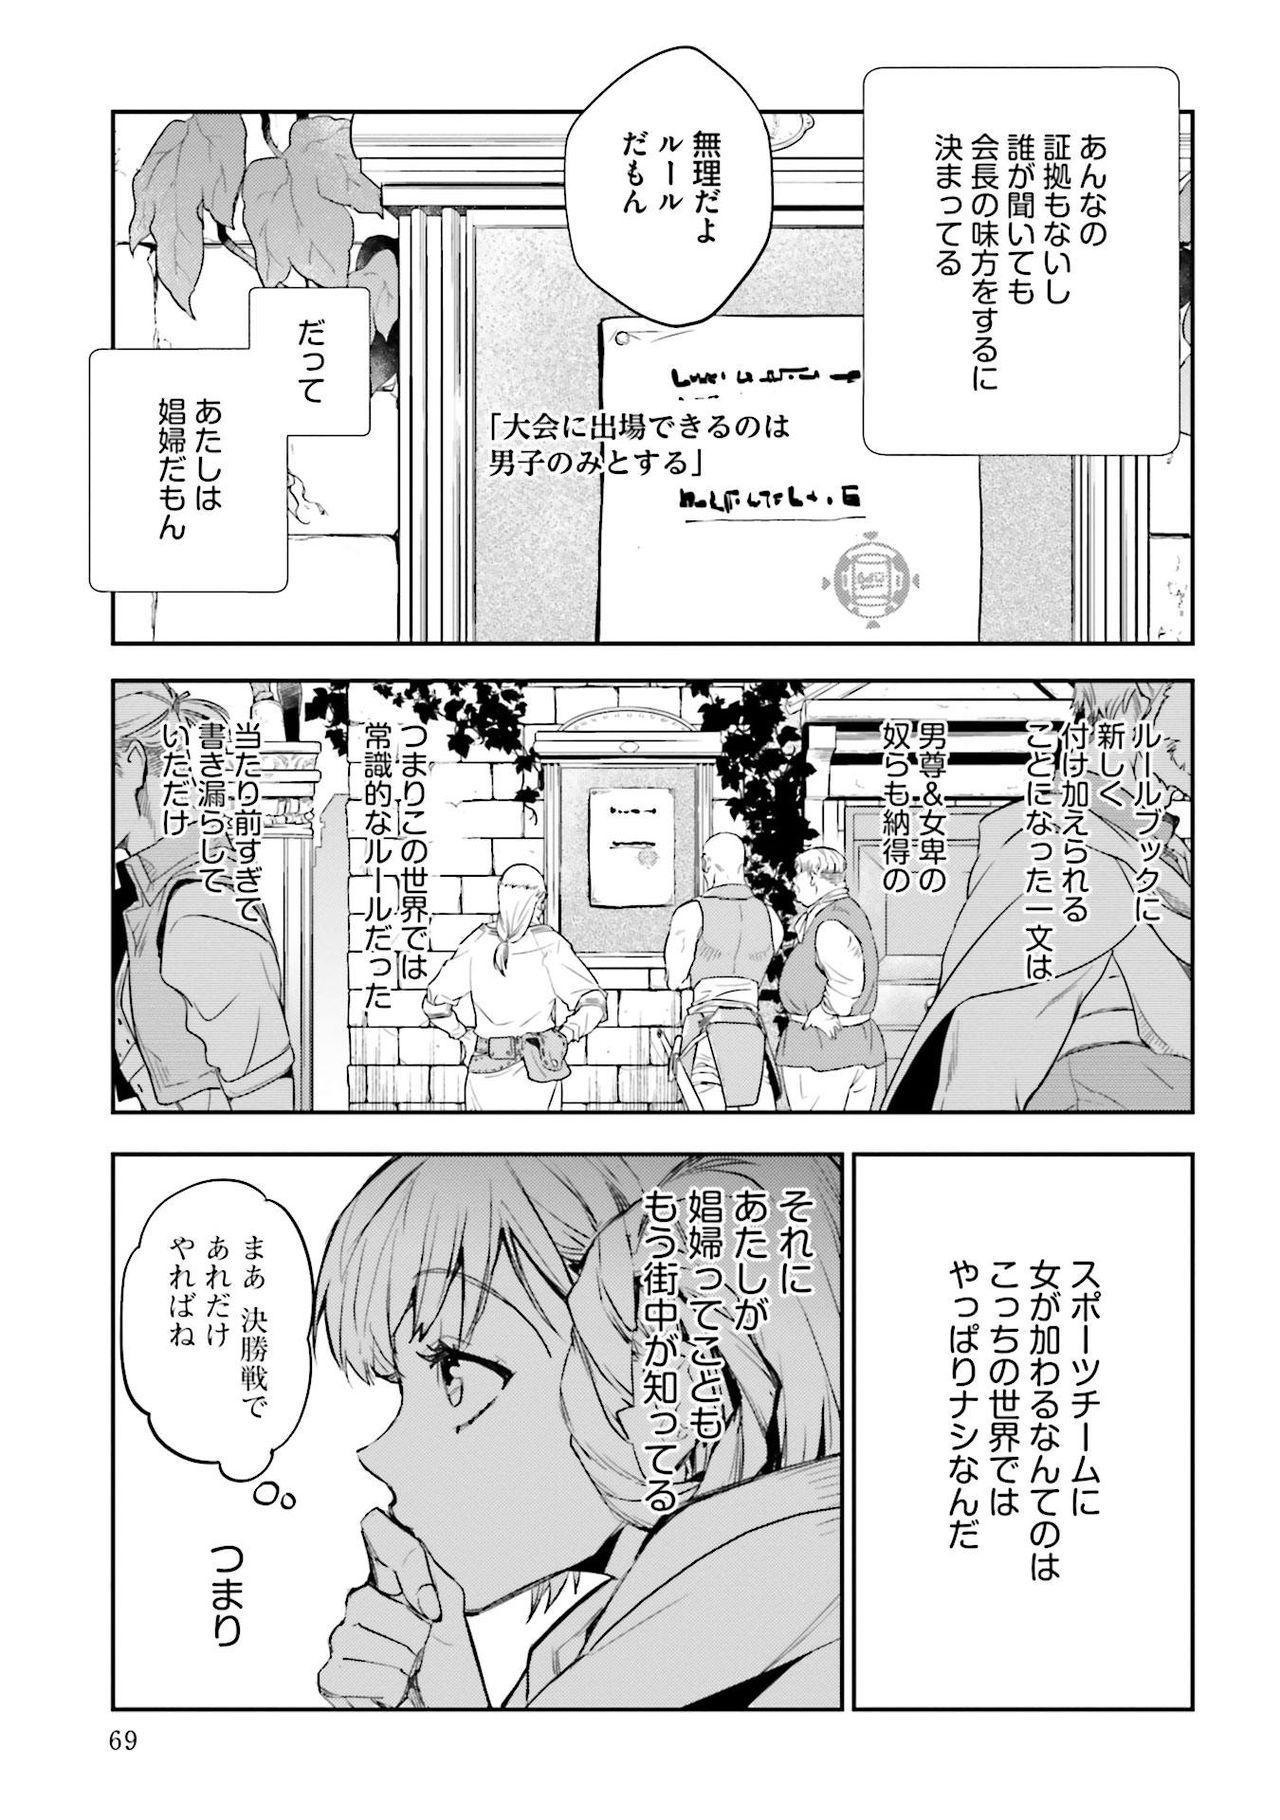 JK Haru wa Isekai de Shoufu ni Natta 1-14 428